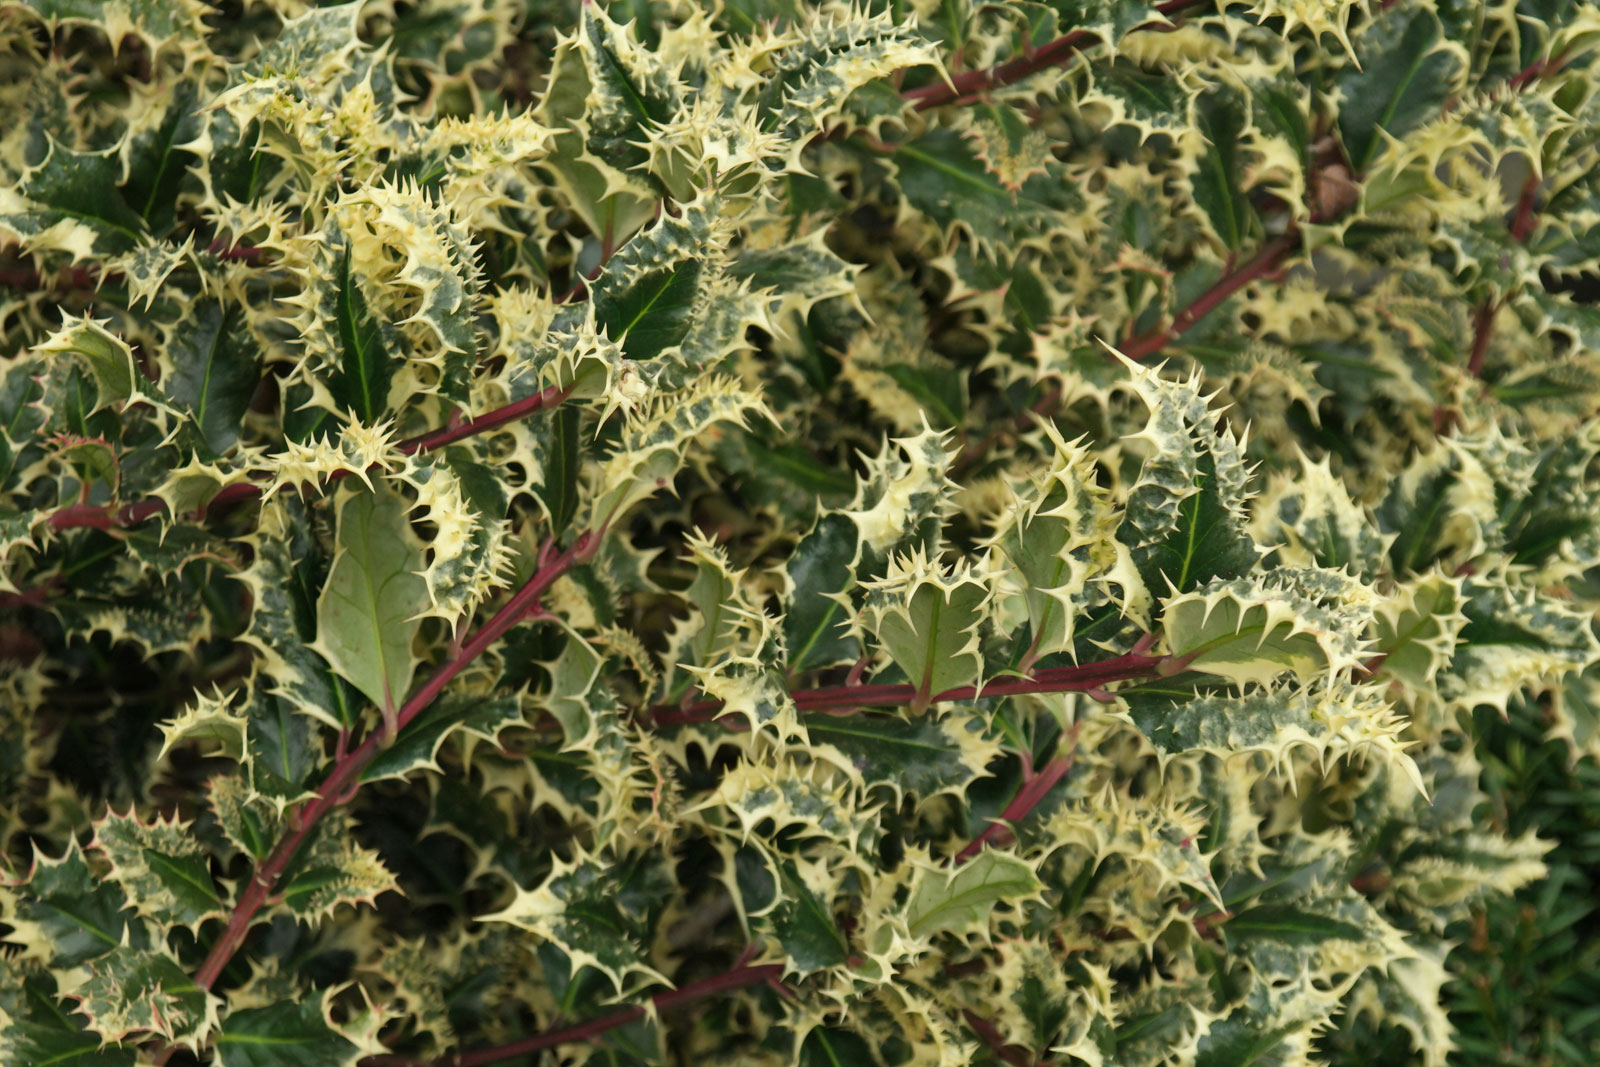 Ilex aquifolium Ferox Argentea